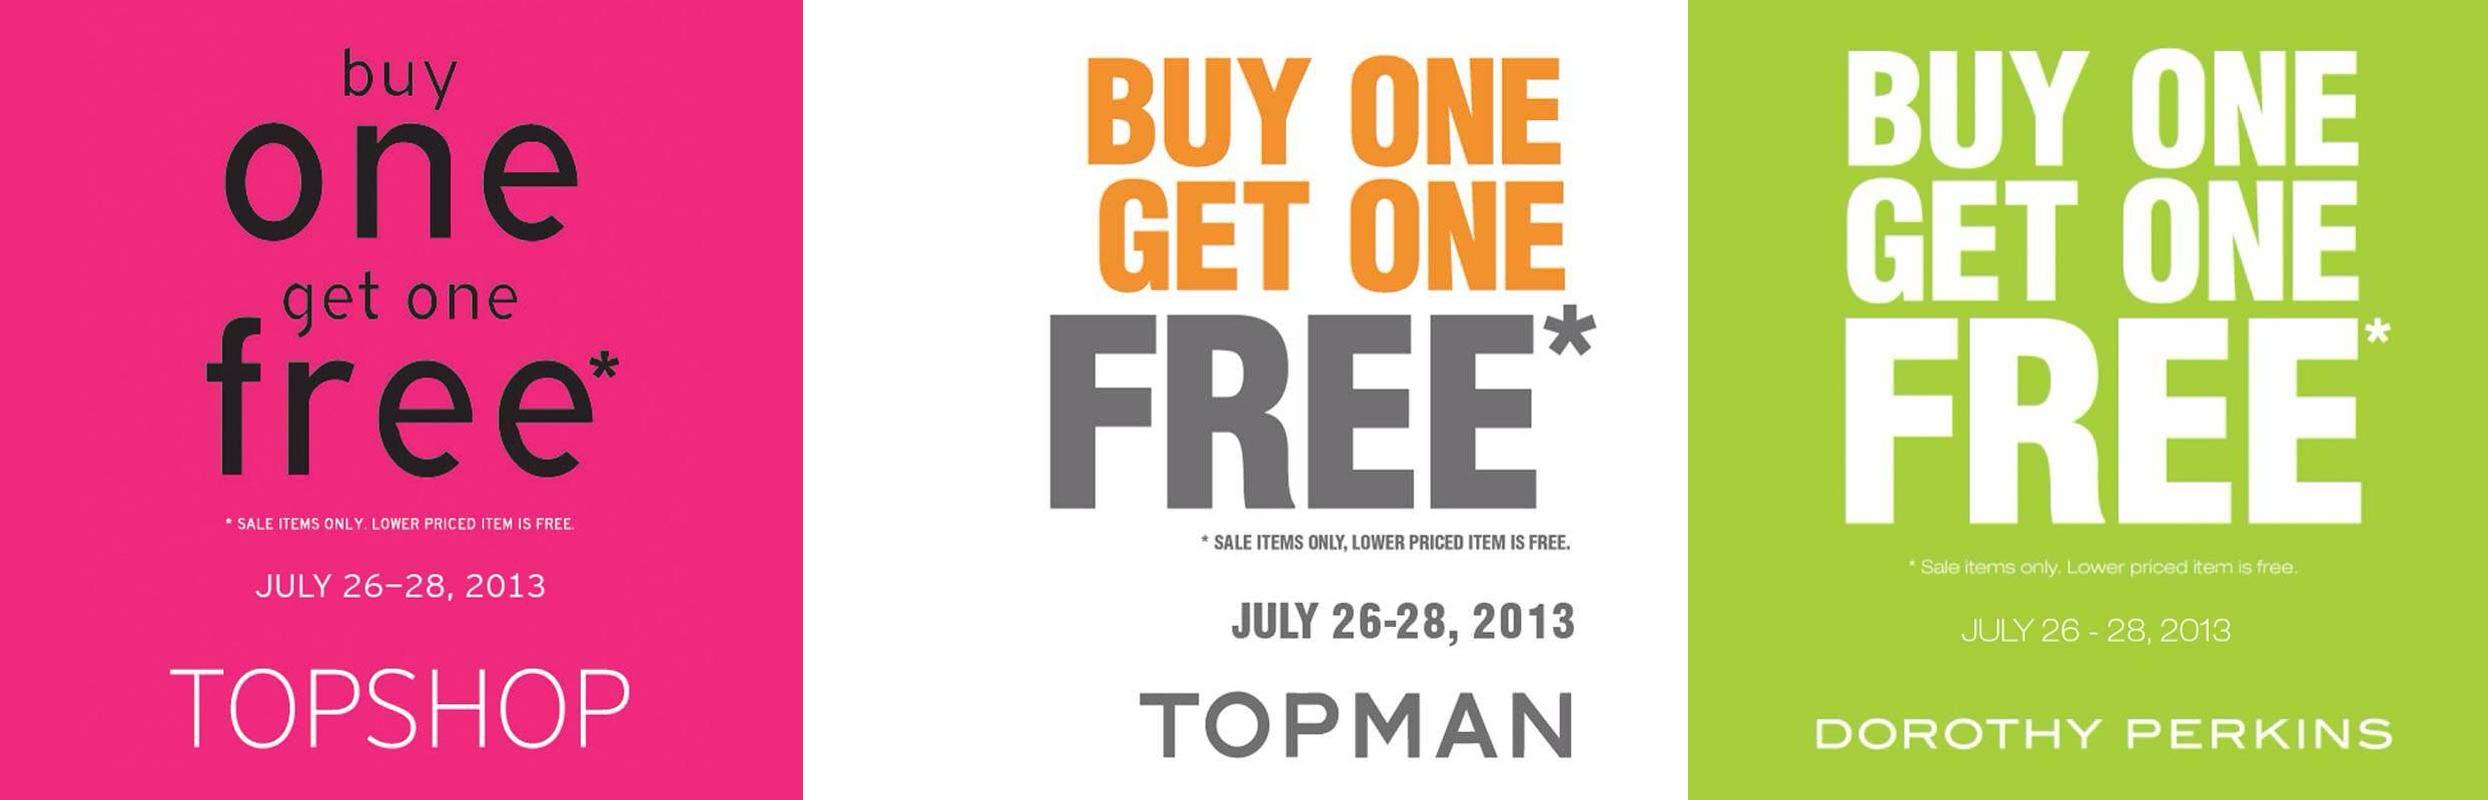 Topshop, Topman, Dorothy Perkins Buy 1 Get 1 FREE promo July 2013